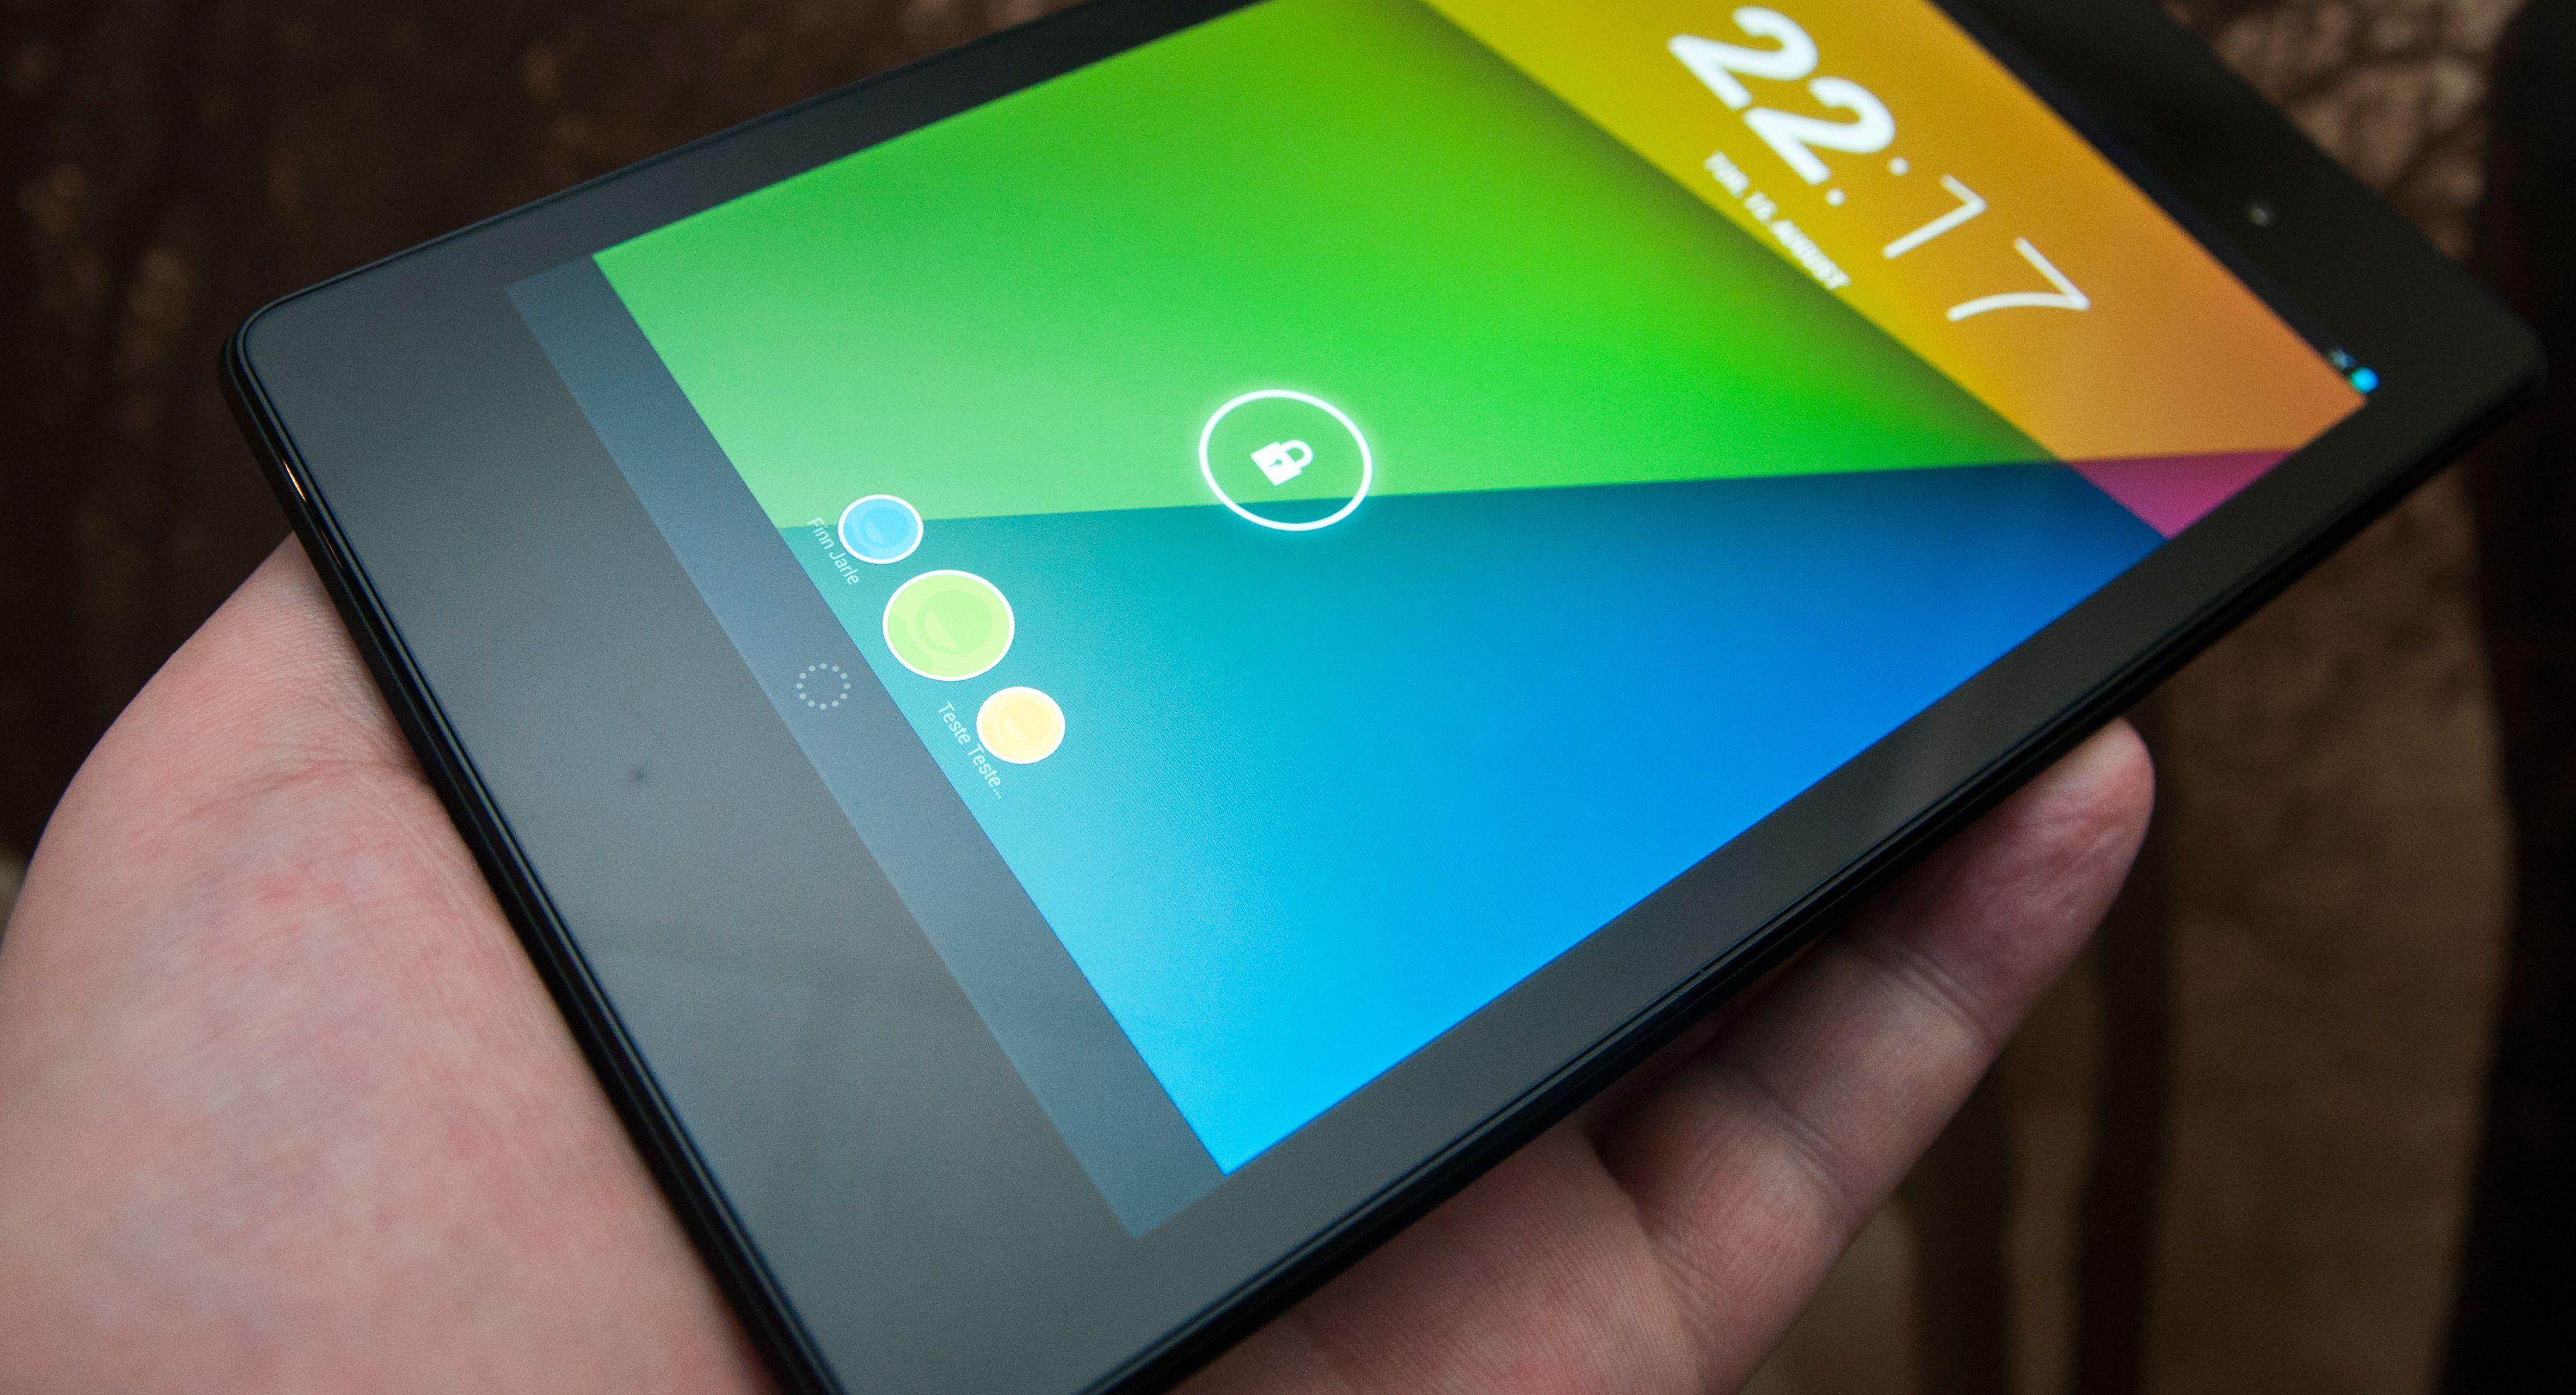 Dette er 2013-versjonen av Nexus 7, som tilsynelatende nå blir oppgradert på nytt.